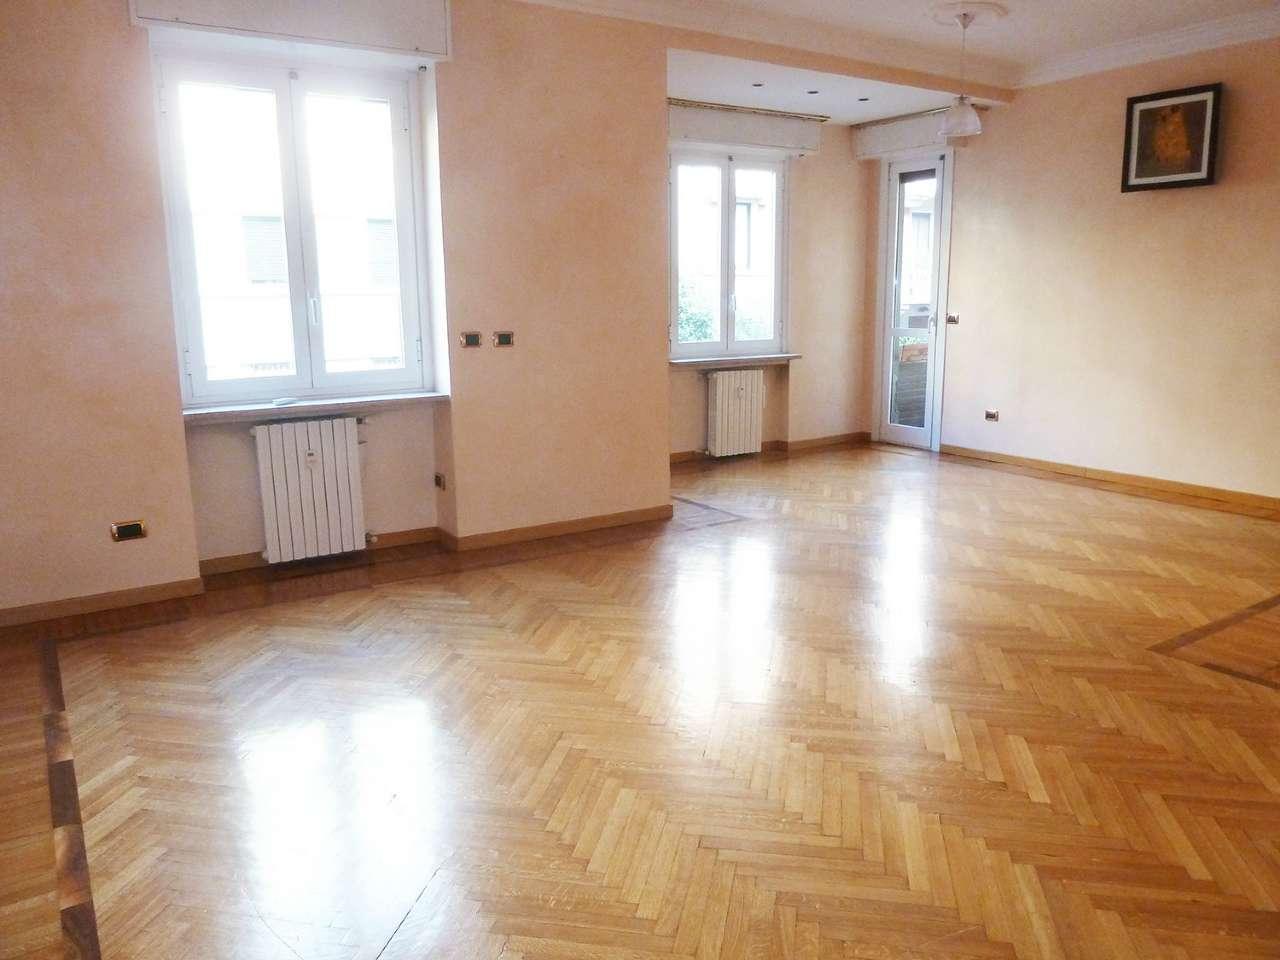 Appartamento in Vendita a Milano 17 Marghera / Wagner / Fiera: 4 locali, 155 mq